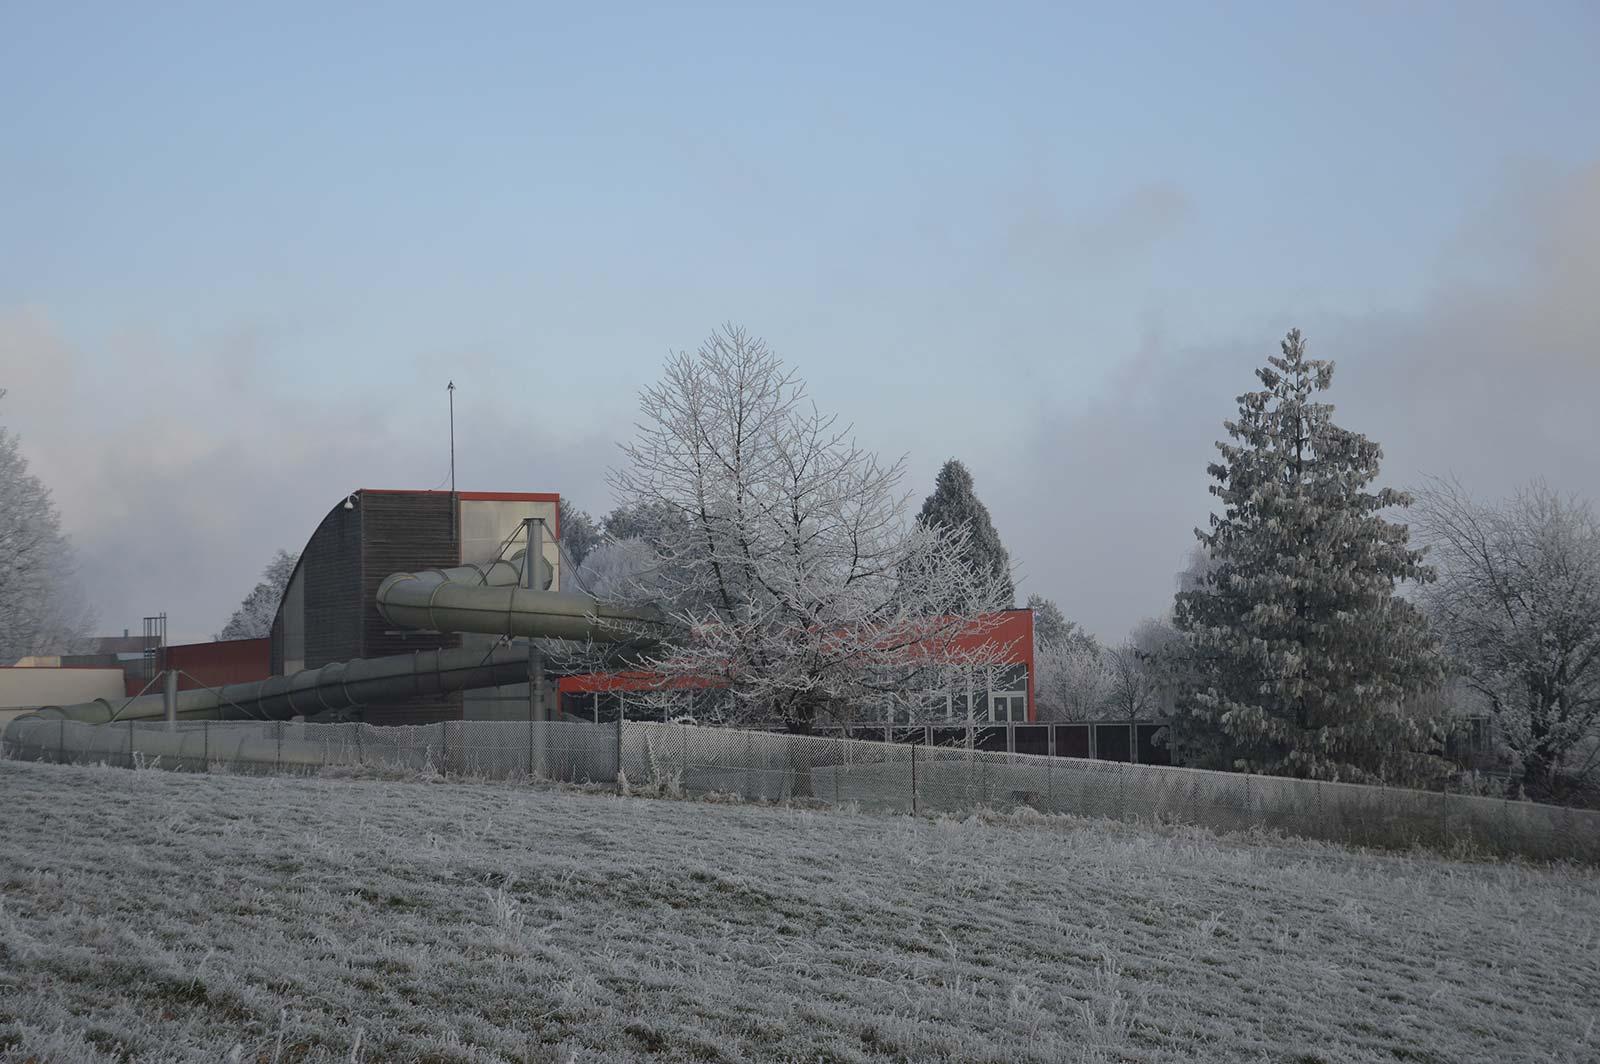 Piscine Été/hiver - Les Aqualies - Niederbronn Les Bains destiné Piscine Niederbronn